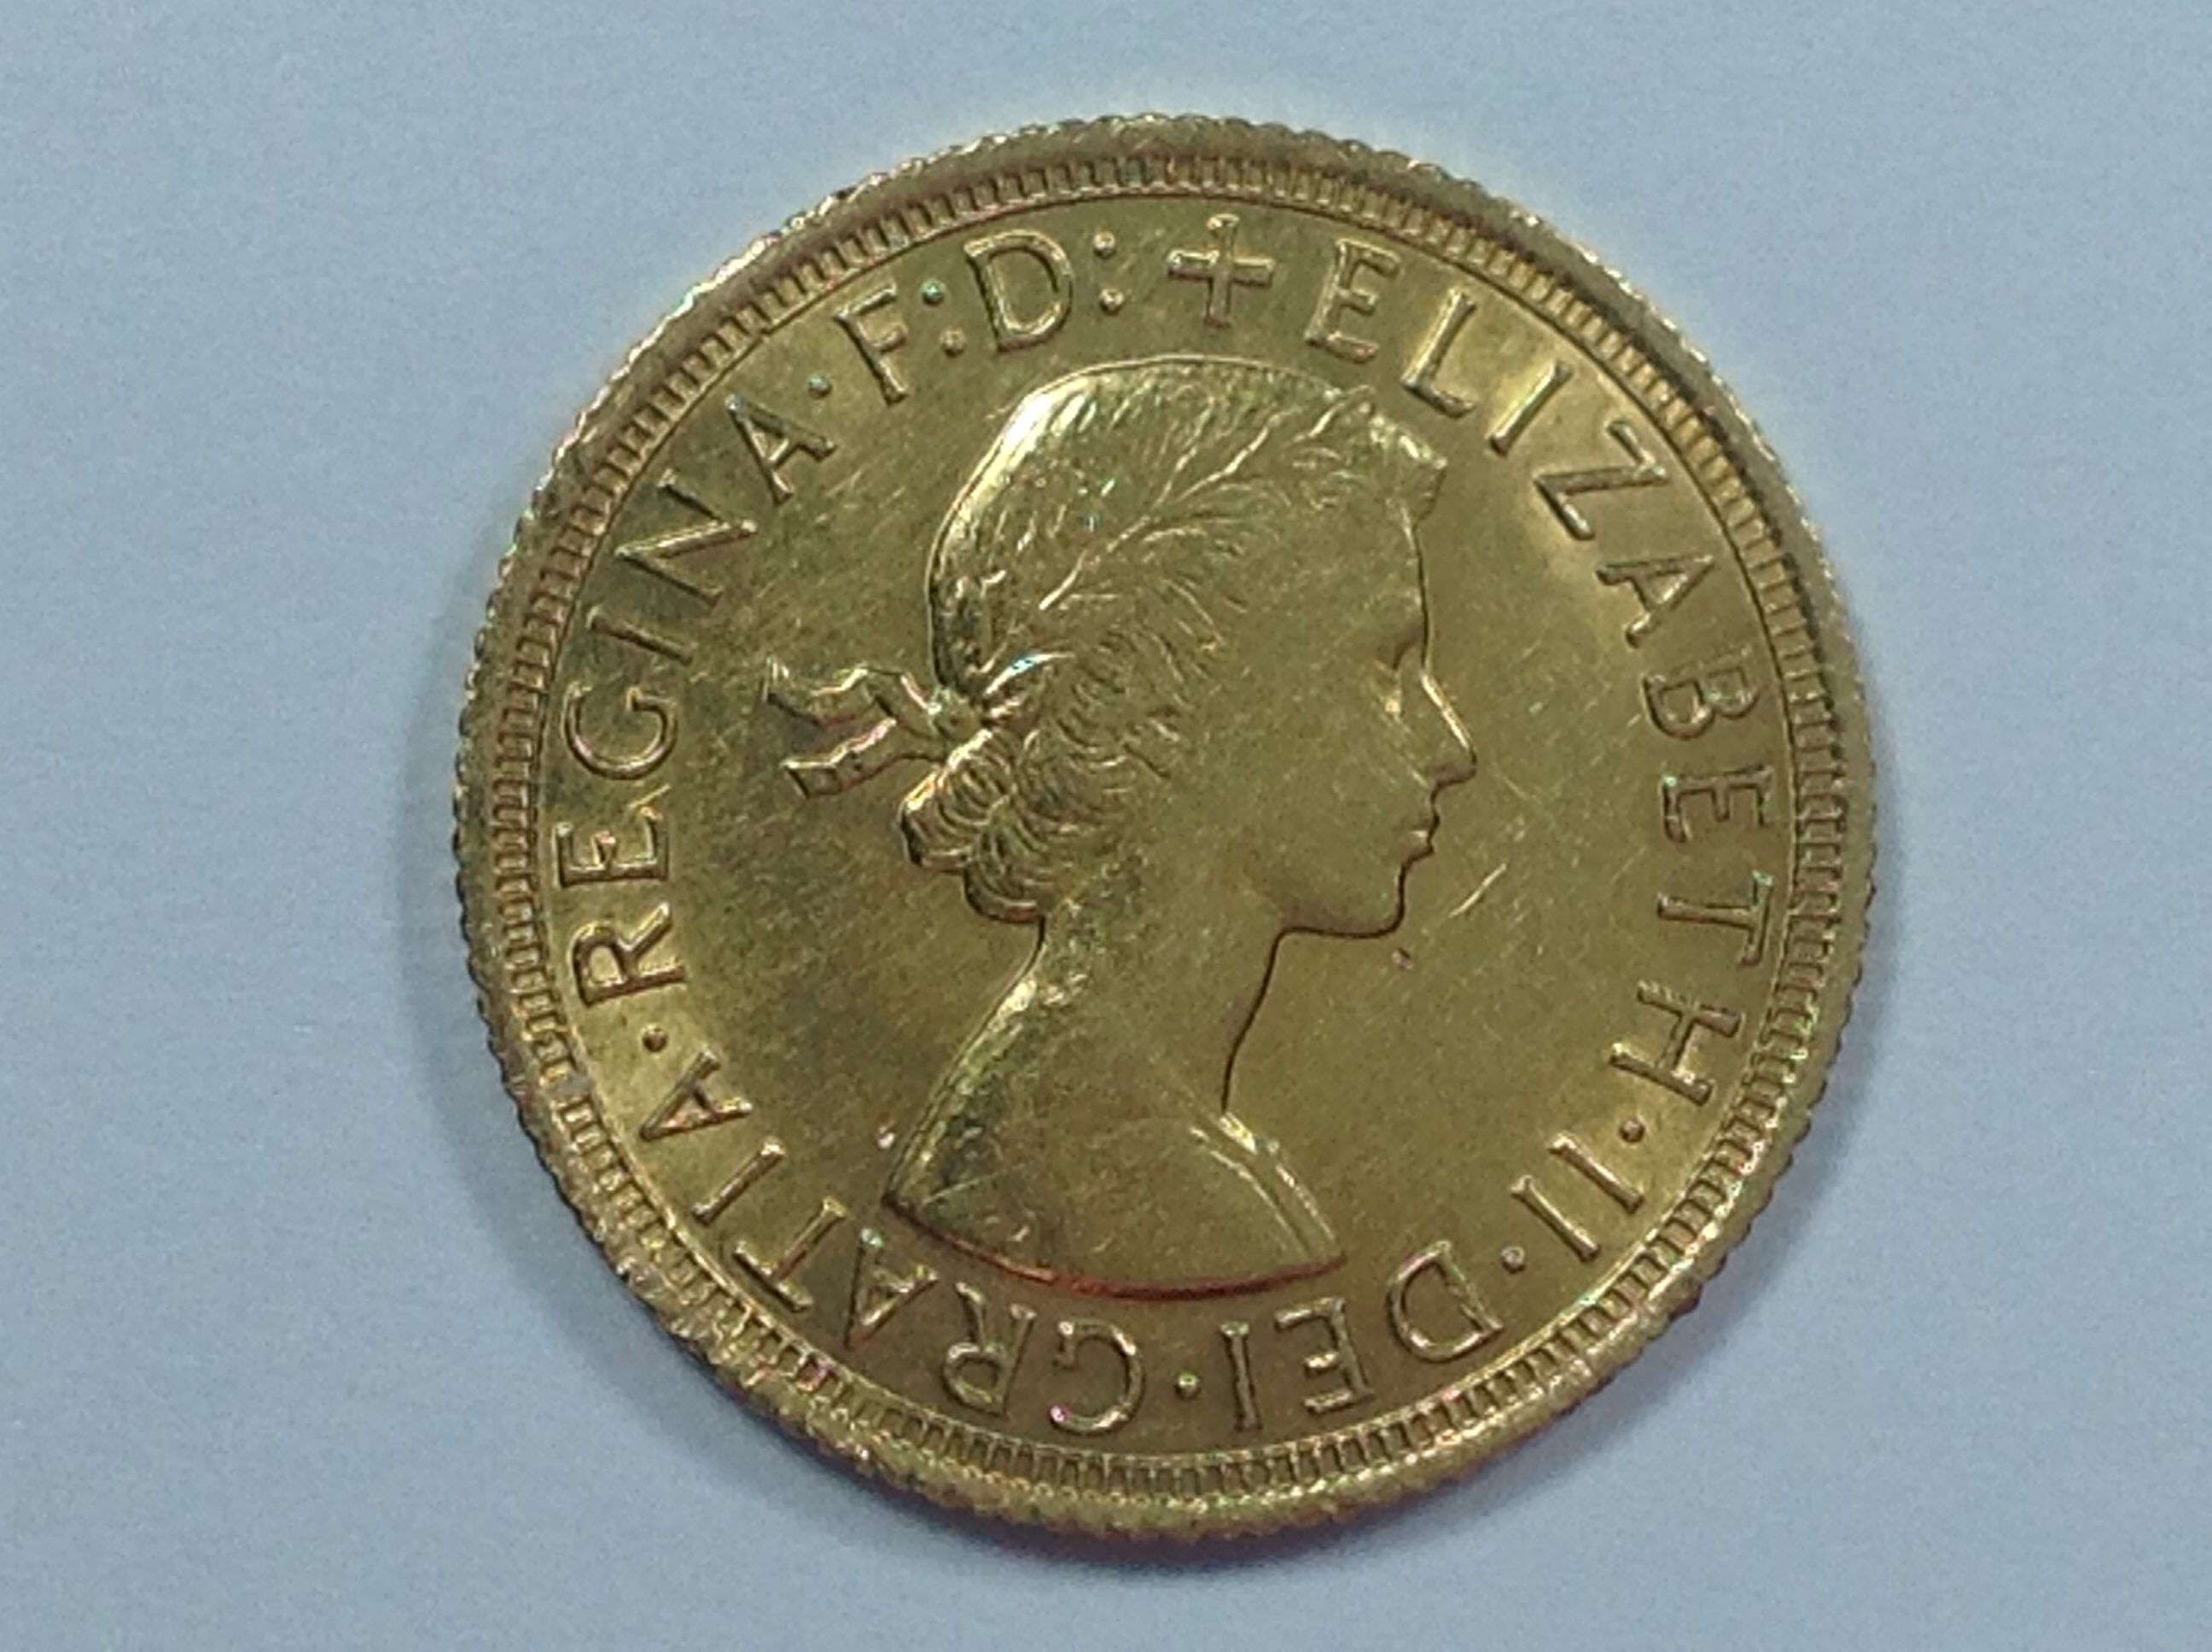 Queen Elizabeth II Young Head